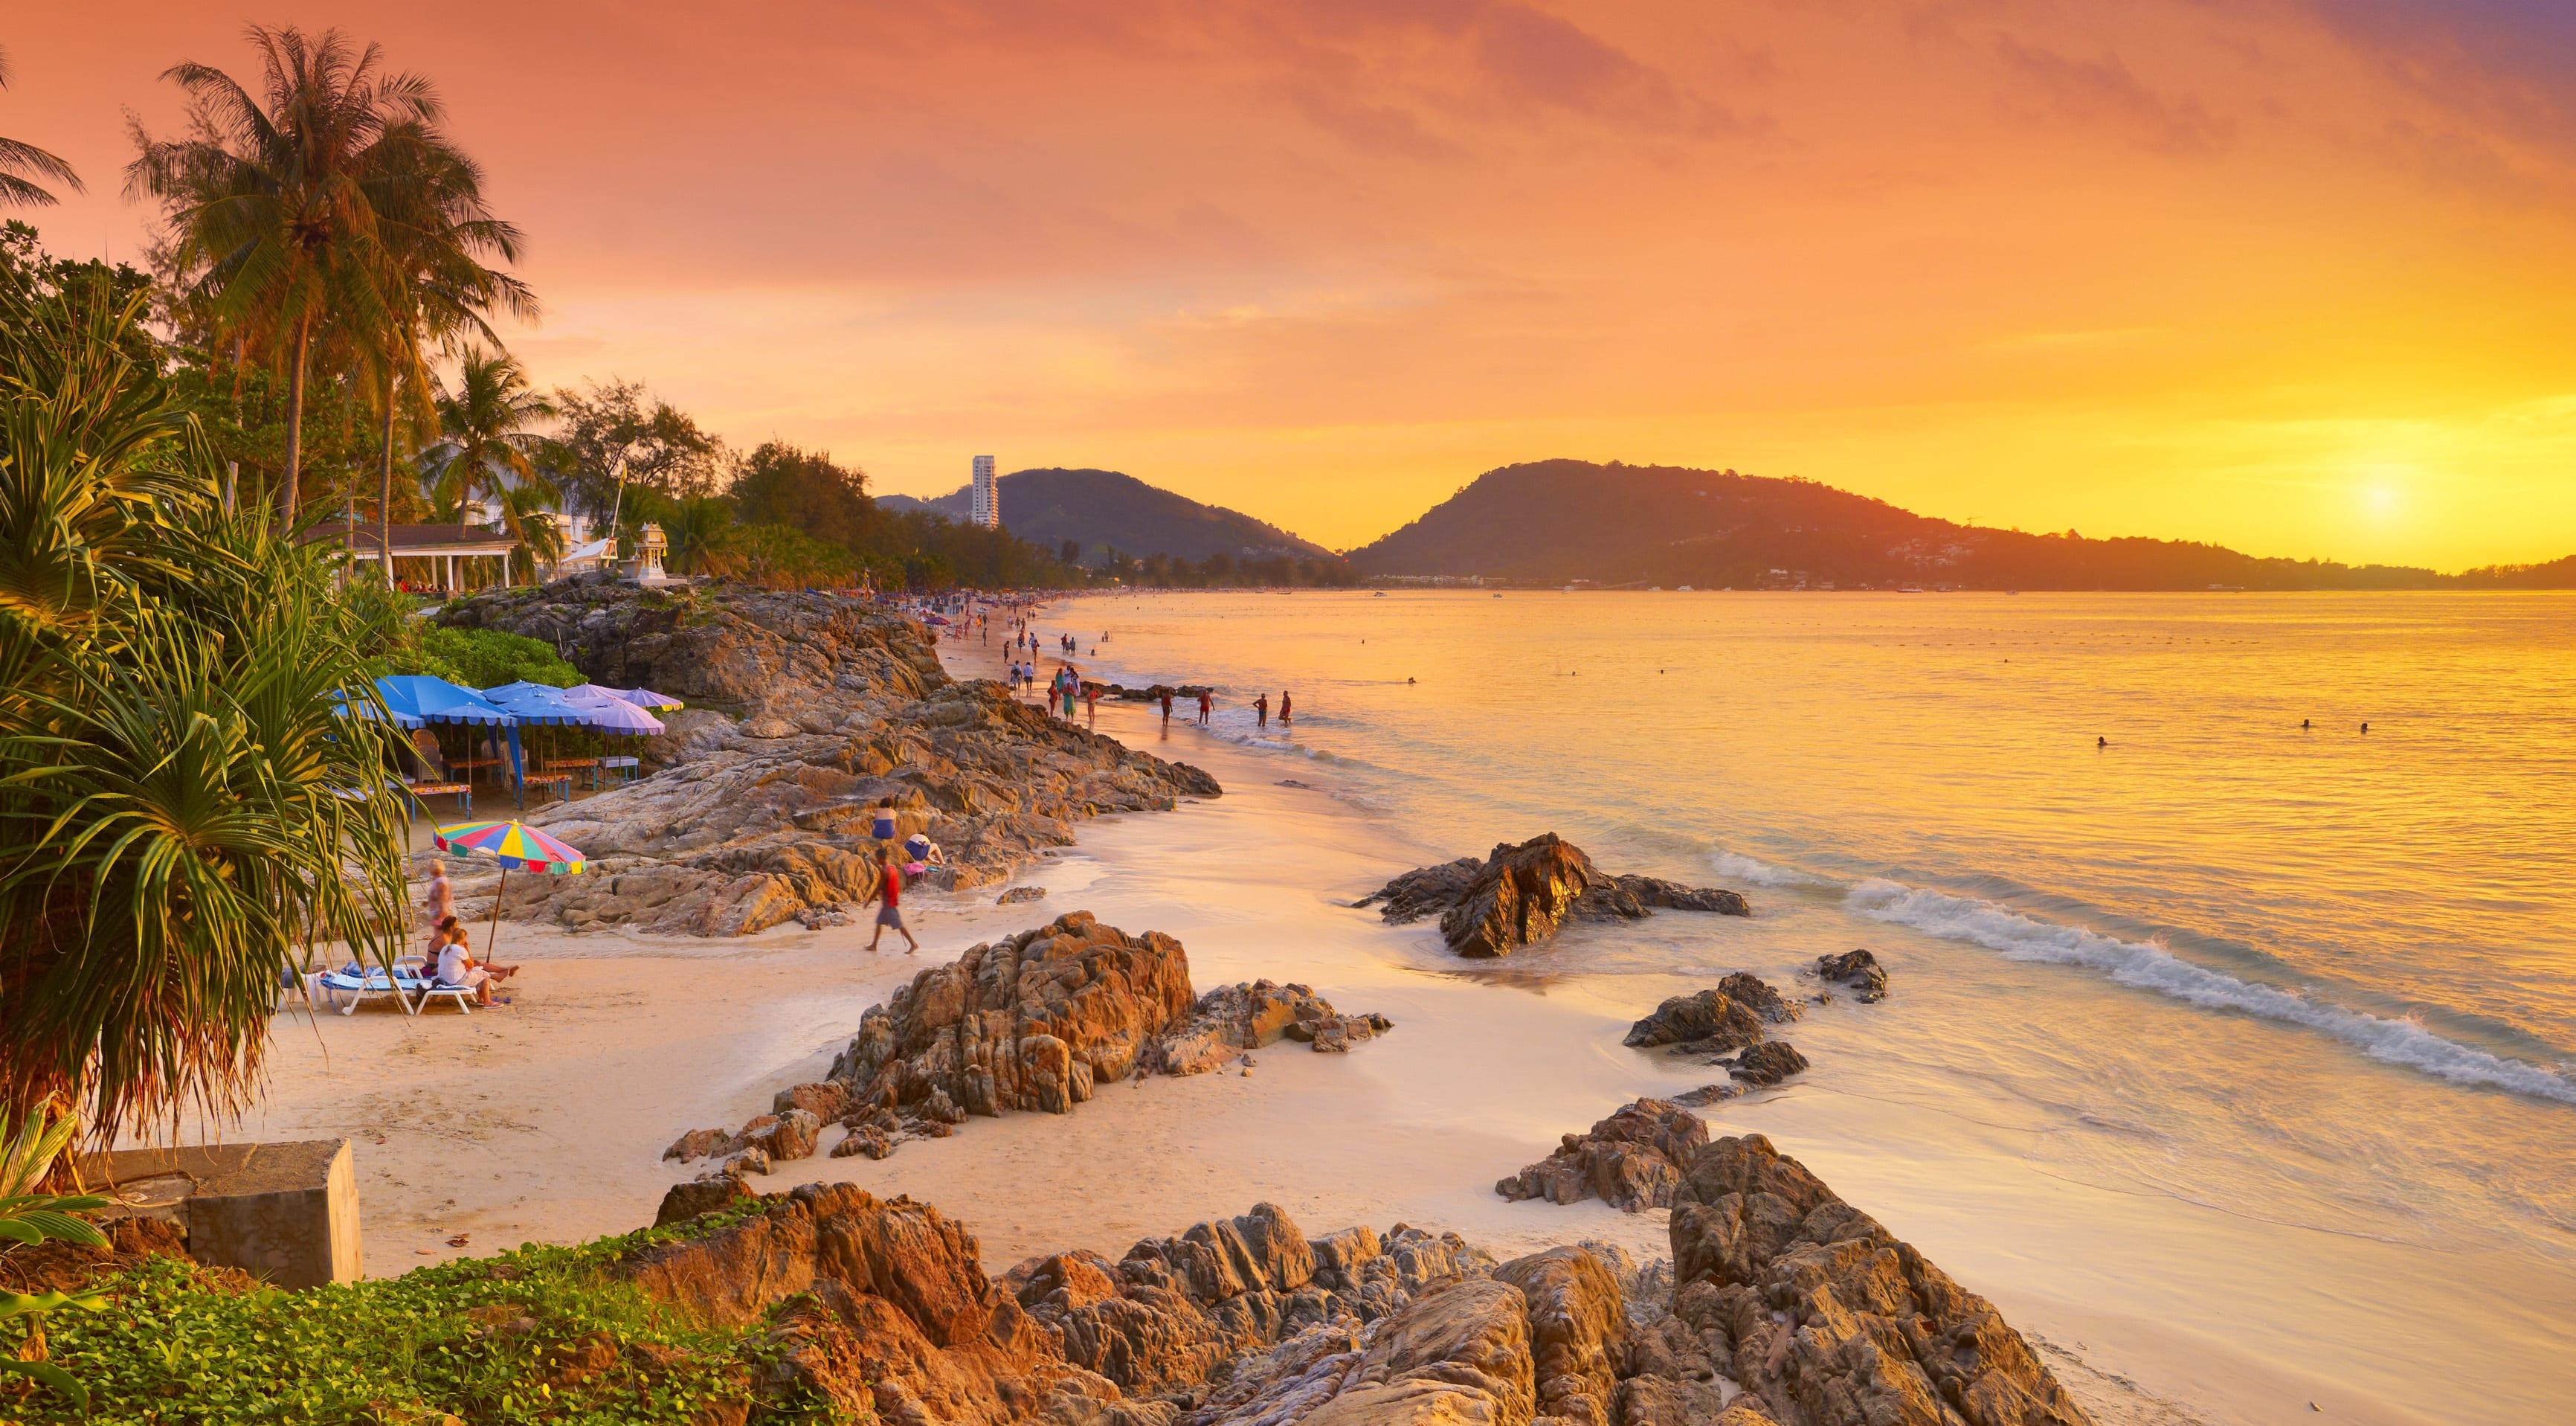 Patong beach, sea and mountains as the sun sets a golden orange colour